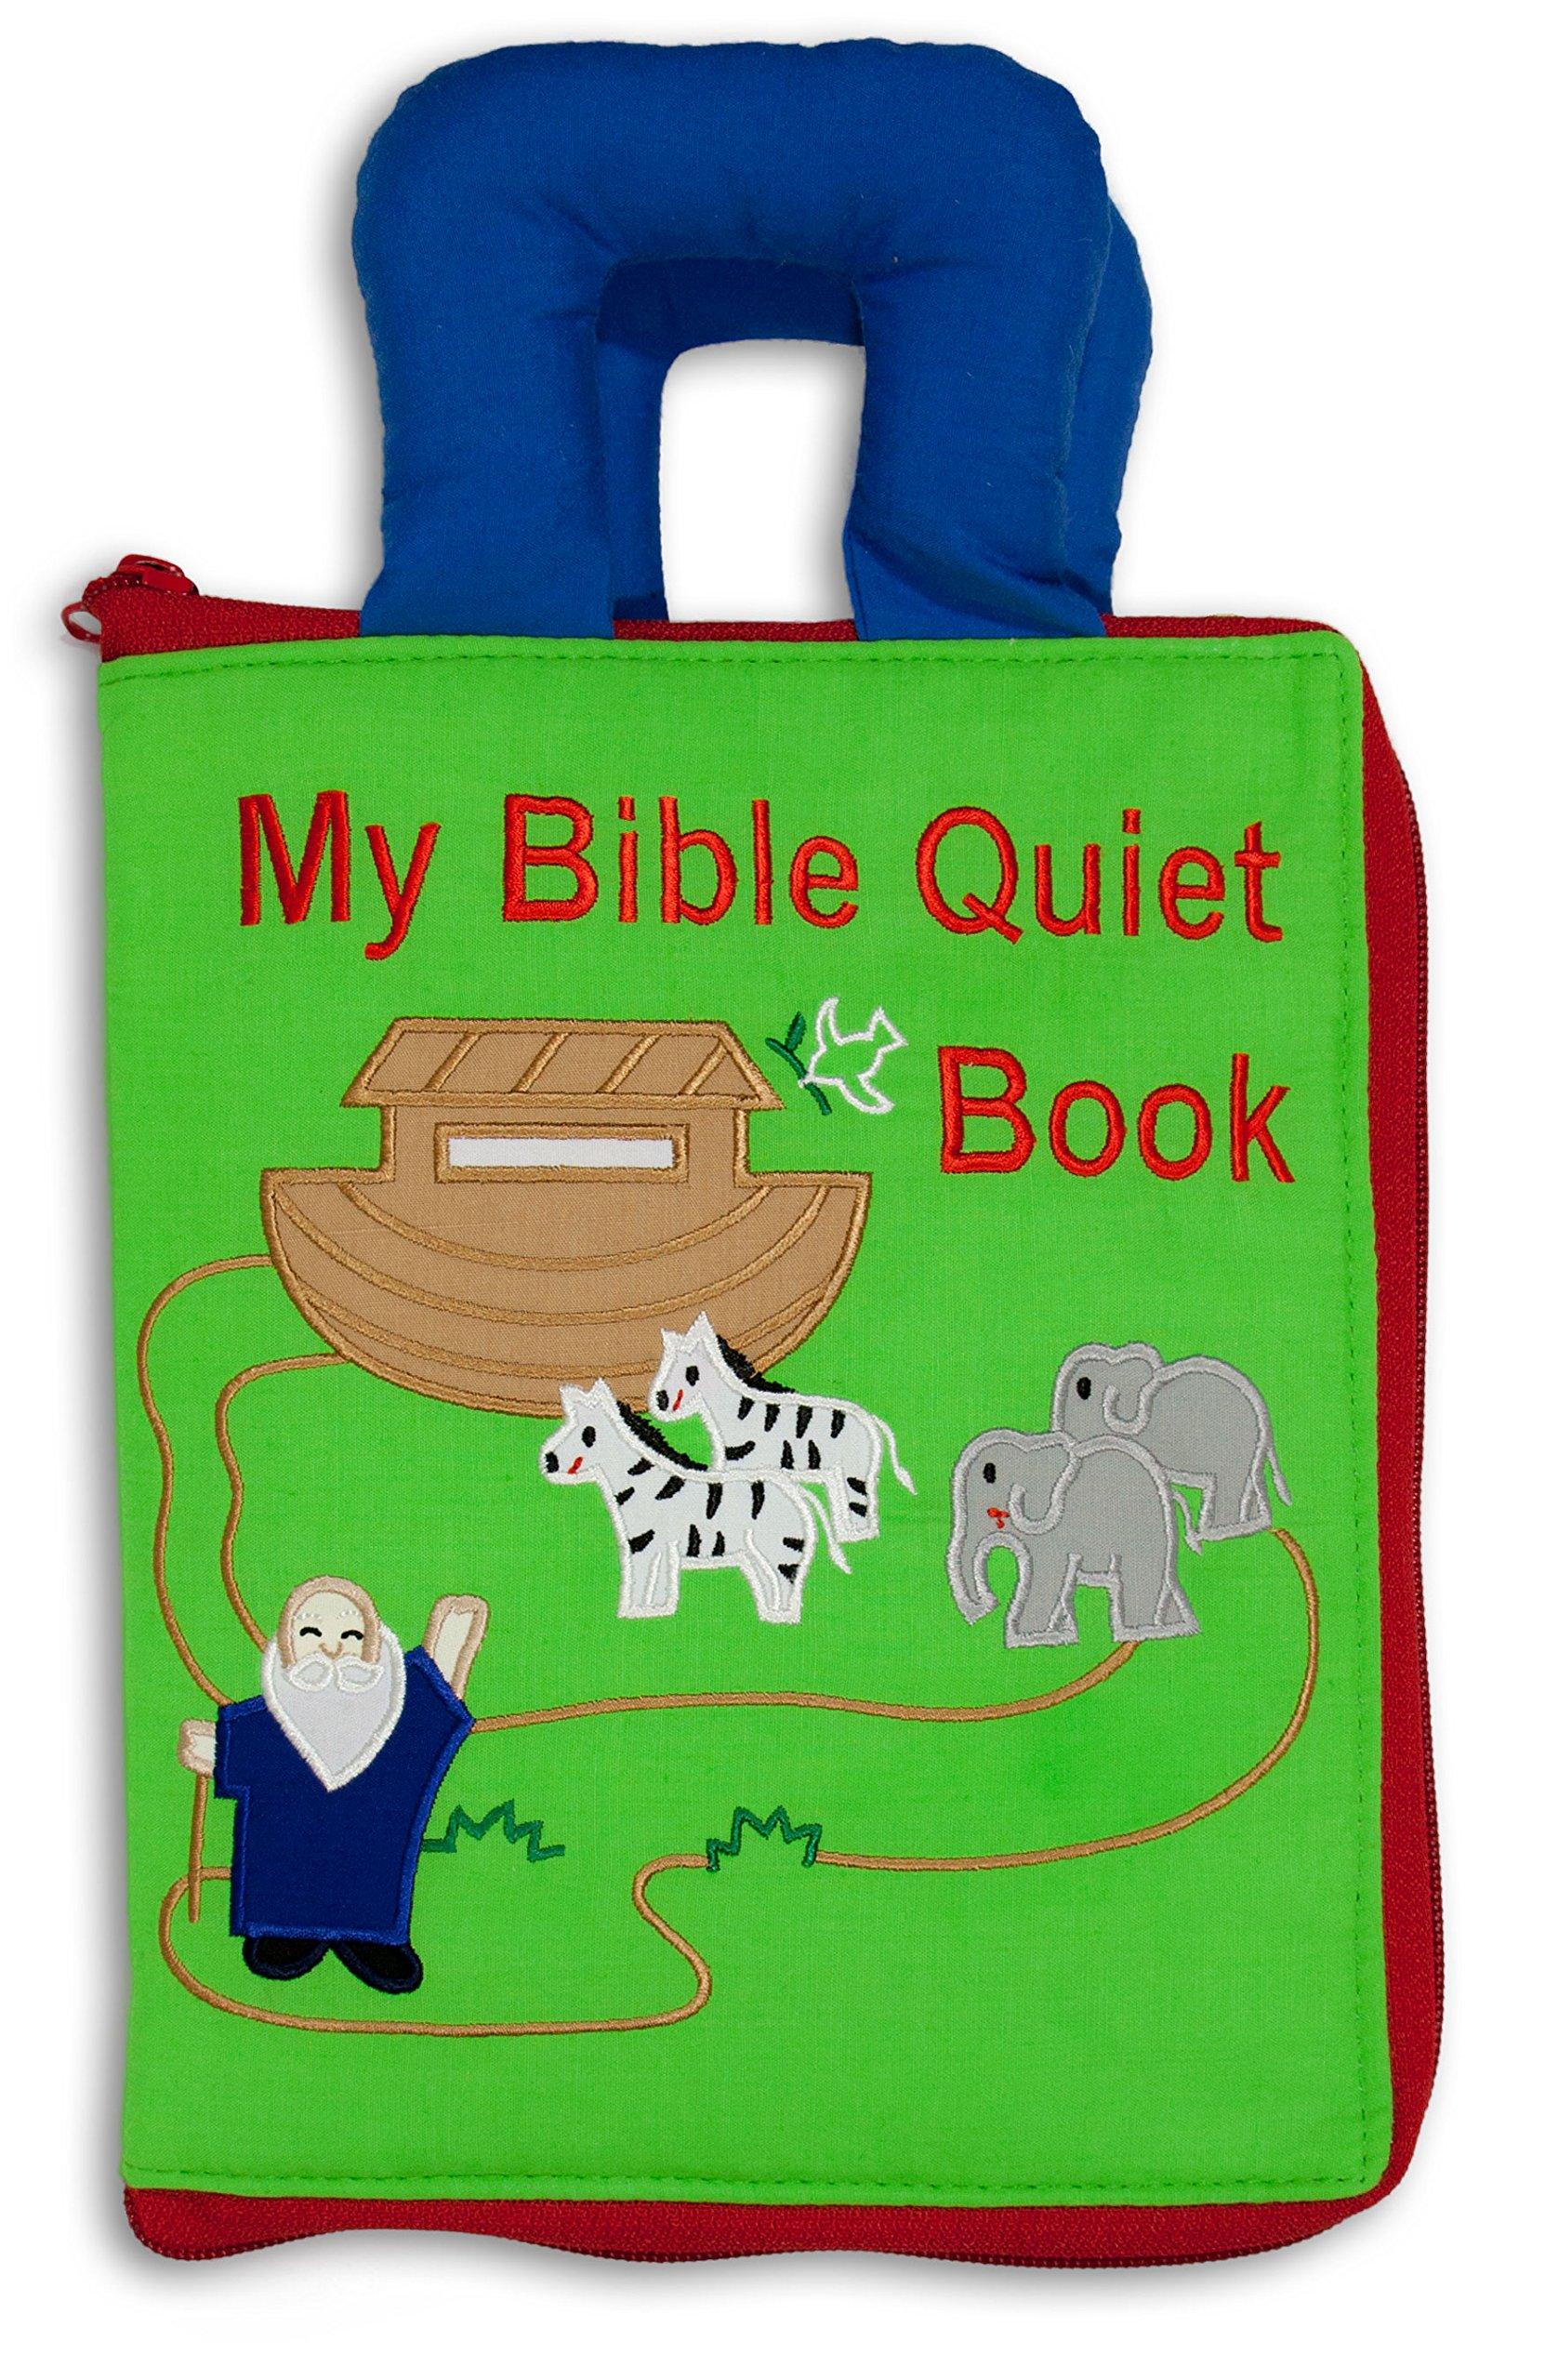 My Bible Quiet Book